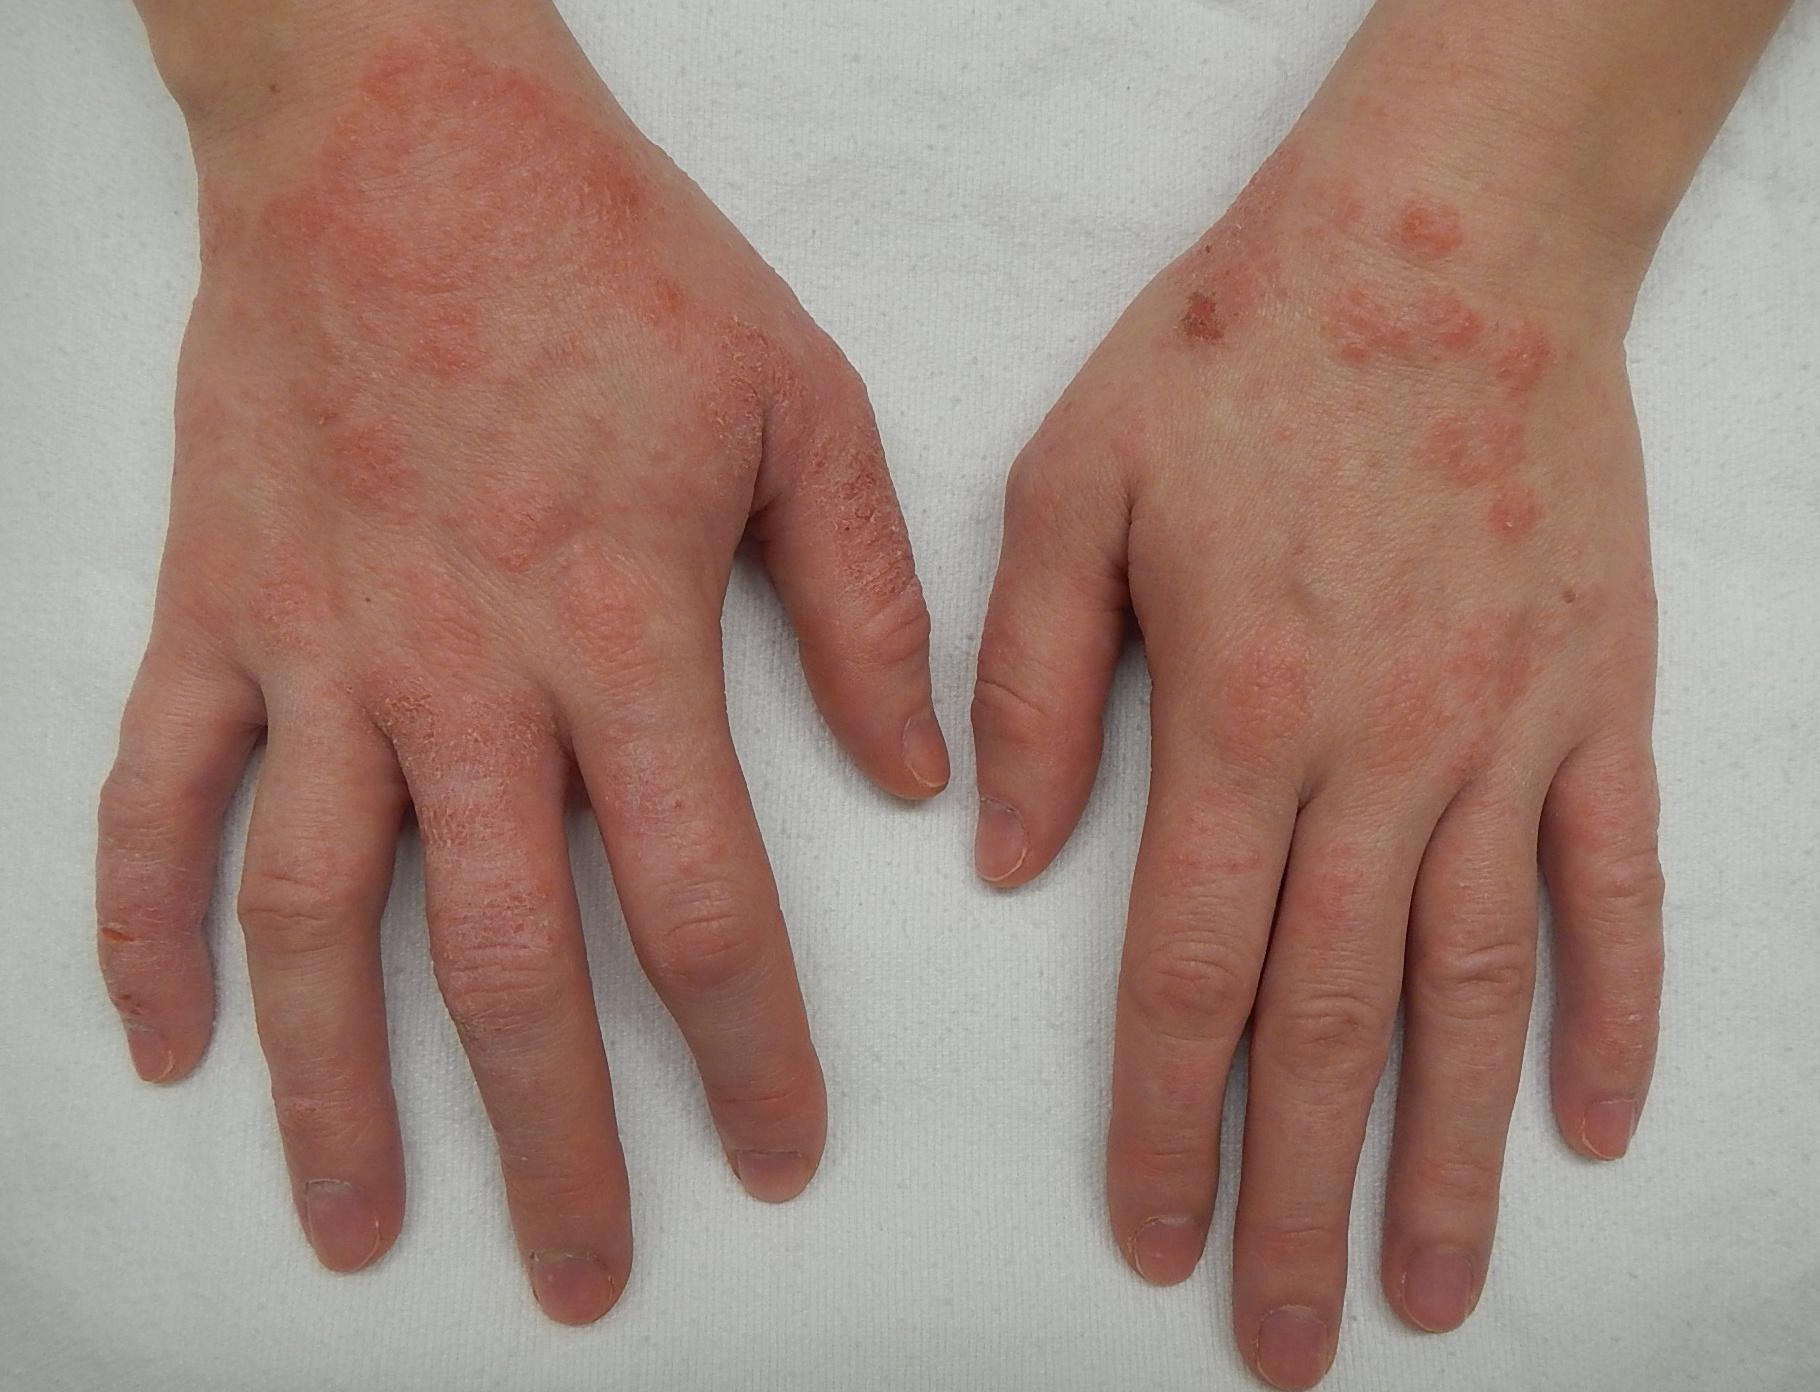 vörös foltok a testen viszketnek, hogy a kezek duzzadnak